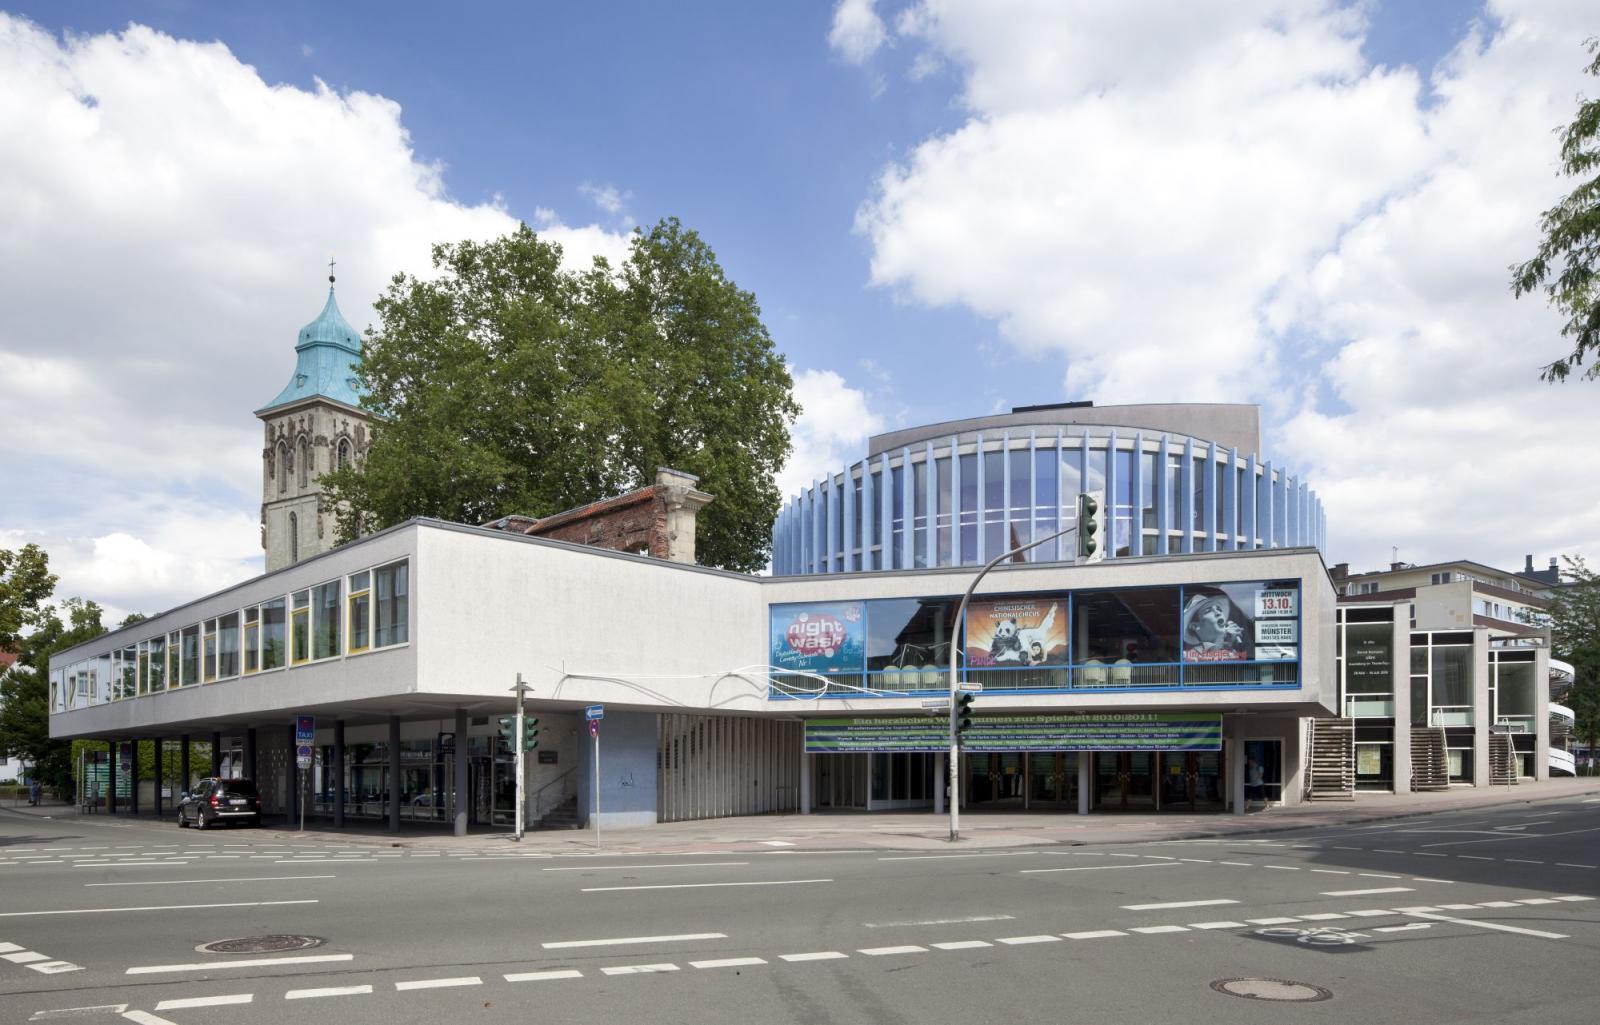 Architektur Münster stadttheater münster münster architektur baukunst nrw